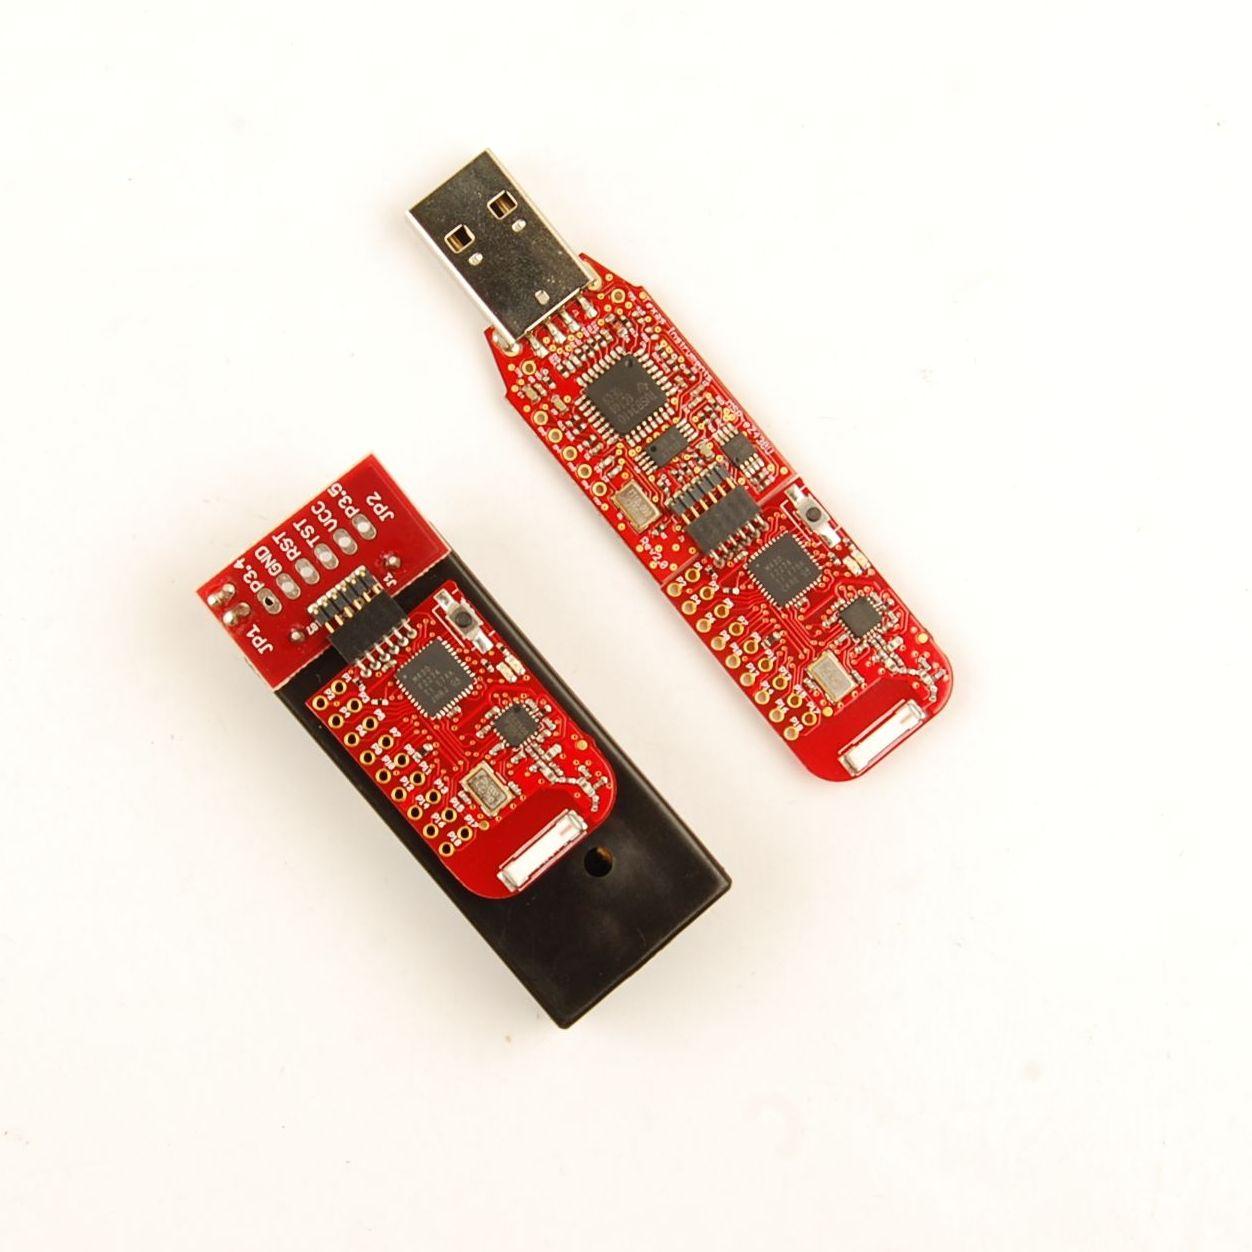 eZ430-RF2500 - BlinkThatLED